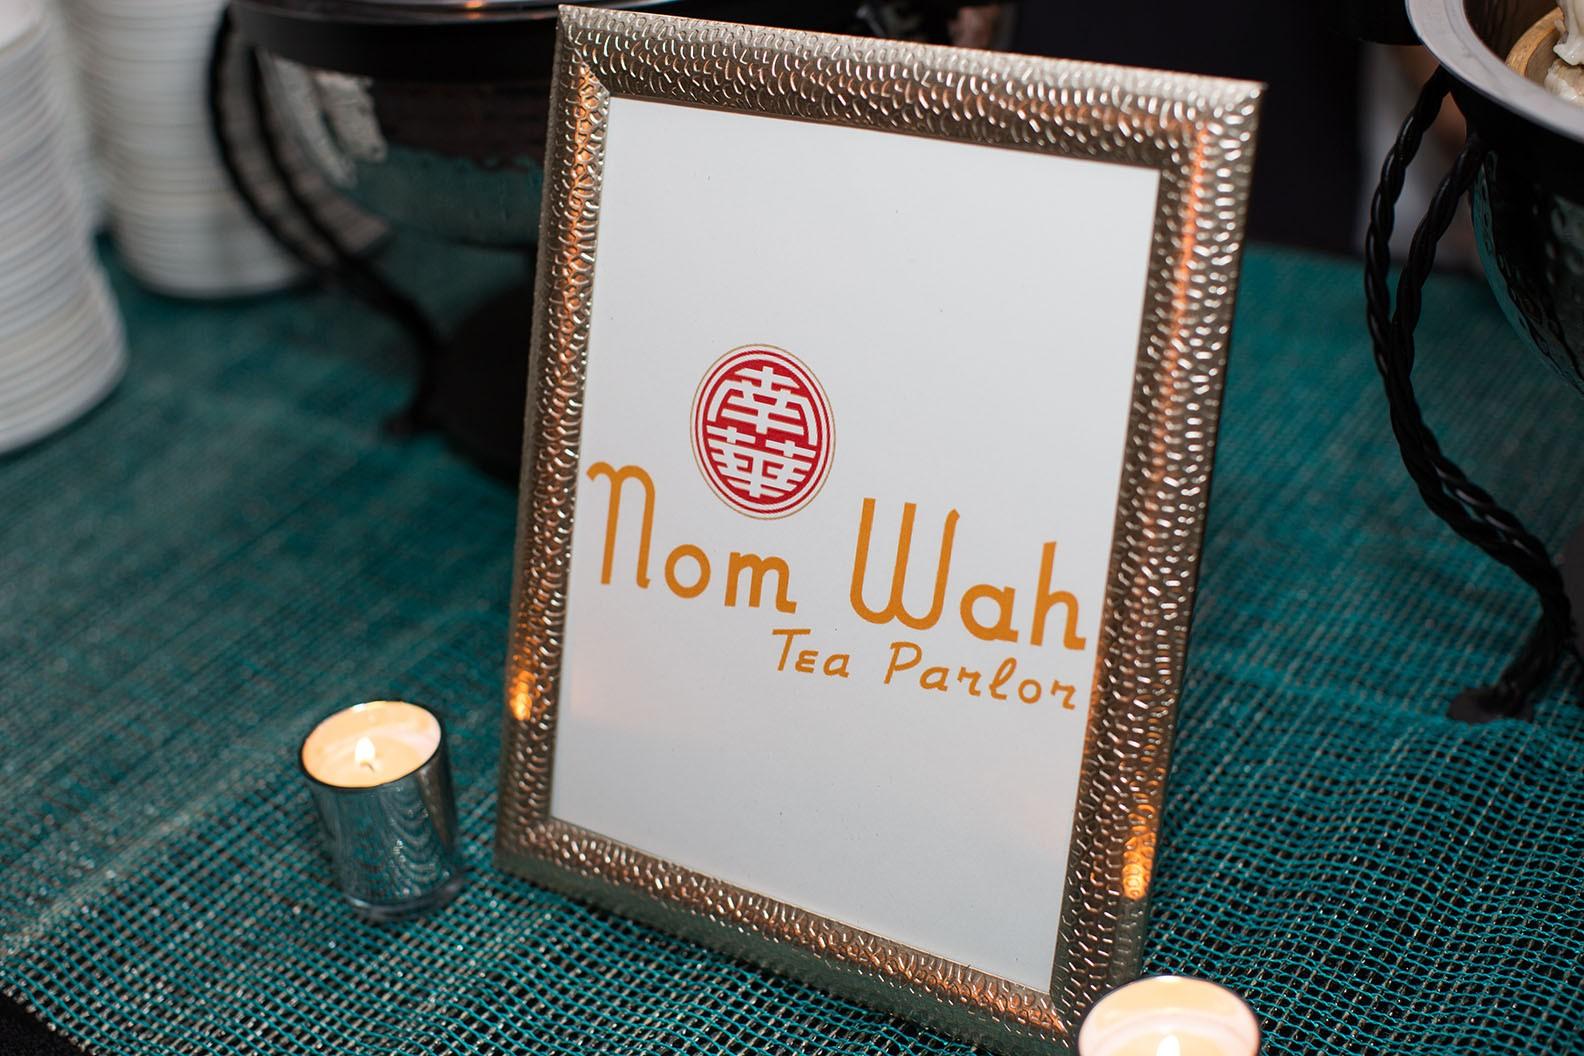 Nom Wah table display